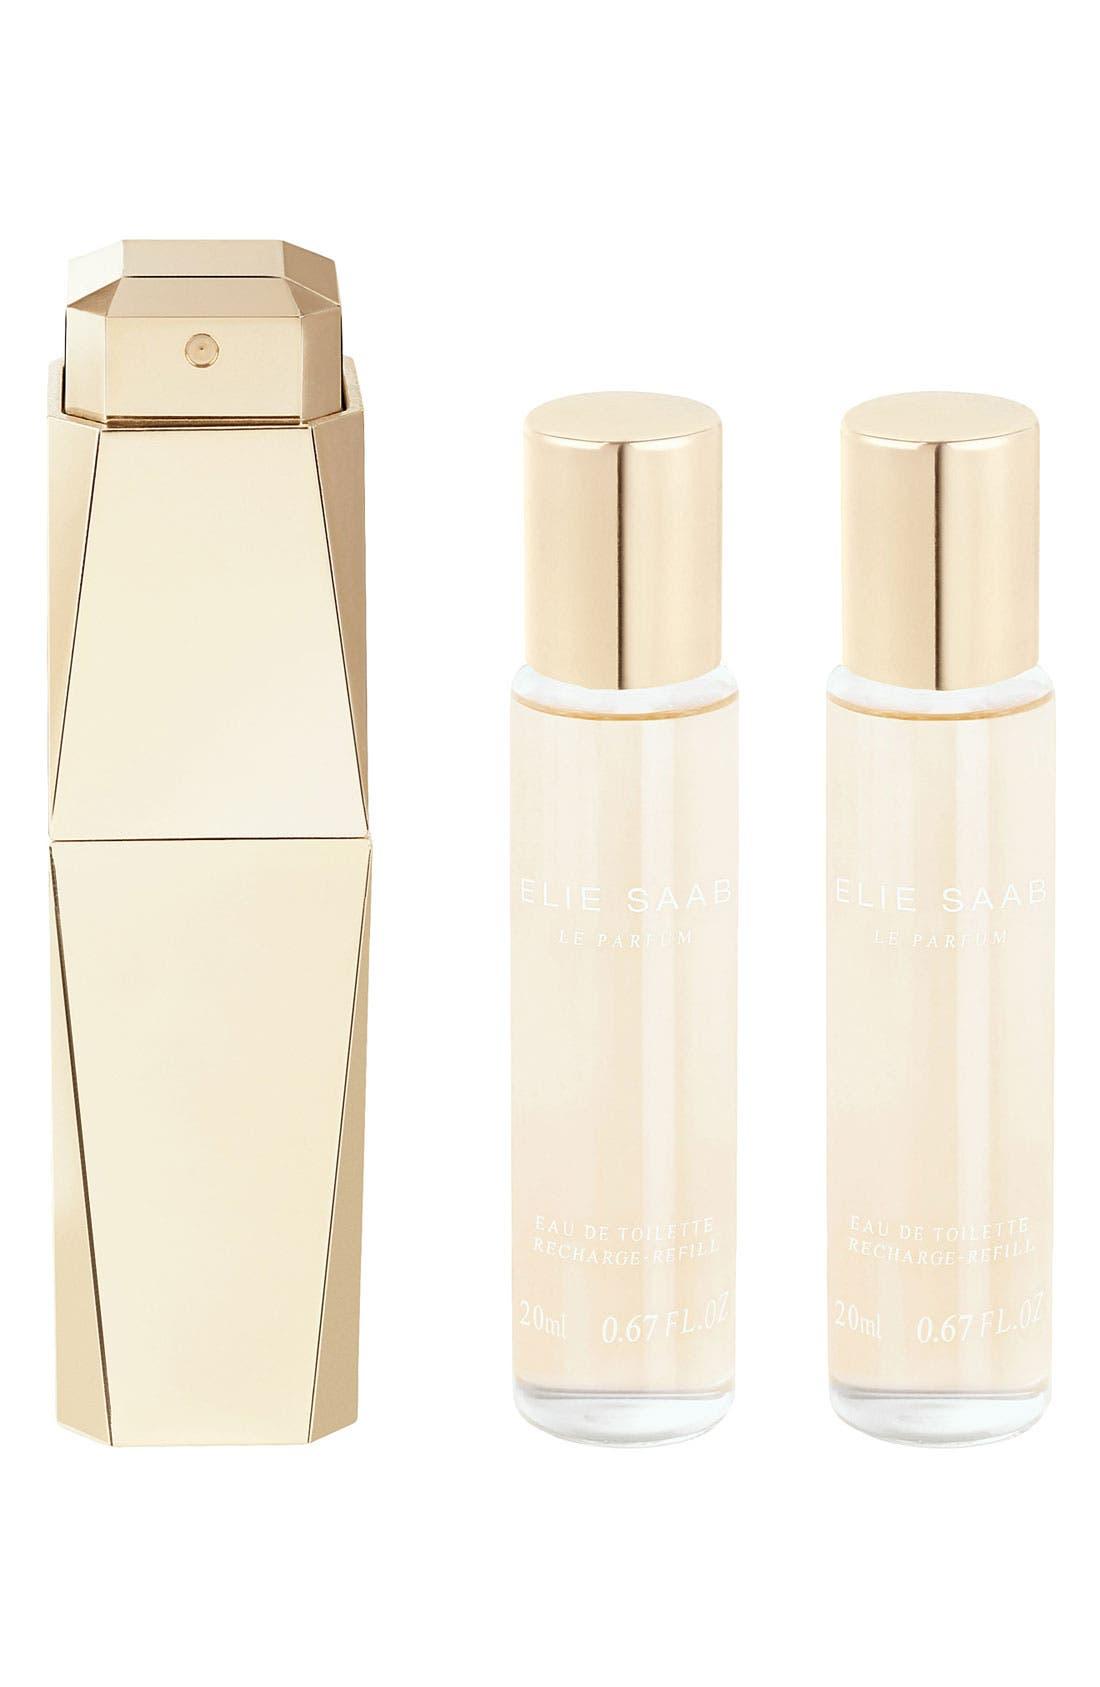 Alternate Image 1 Selected - Elie Saab 'Le Parfum' Eau de Toilette Purse Spray & Refills